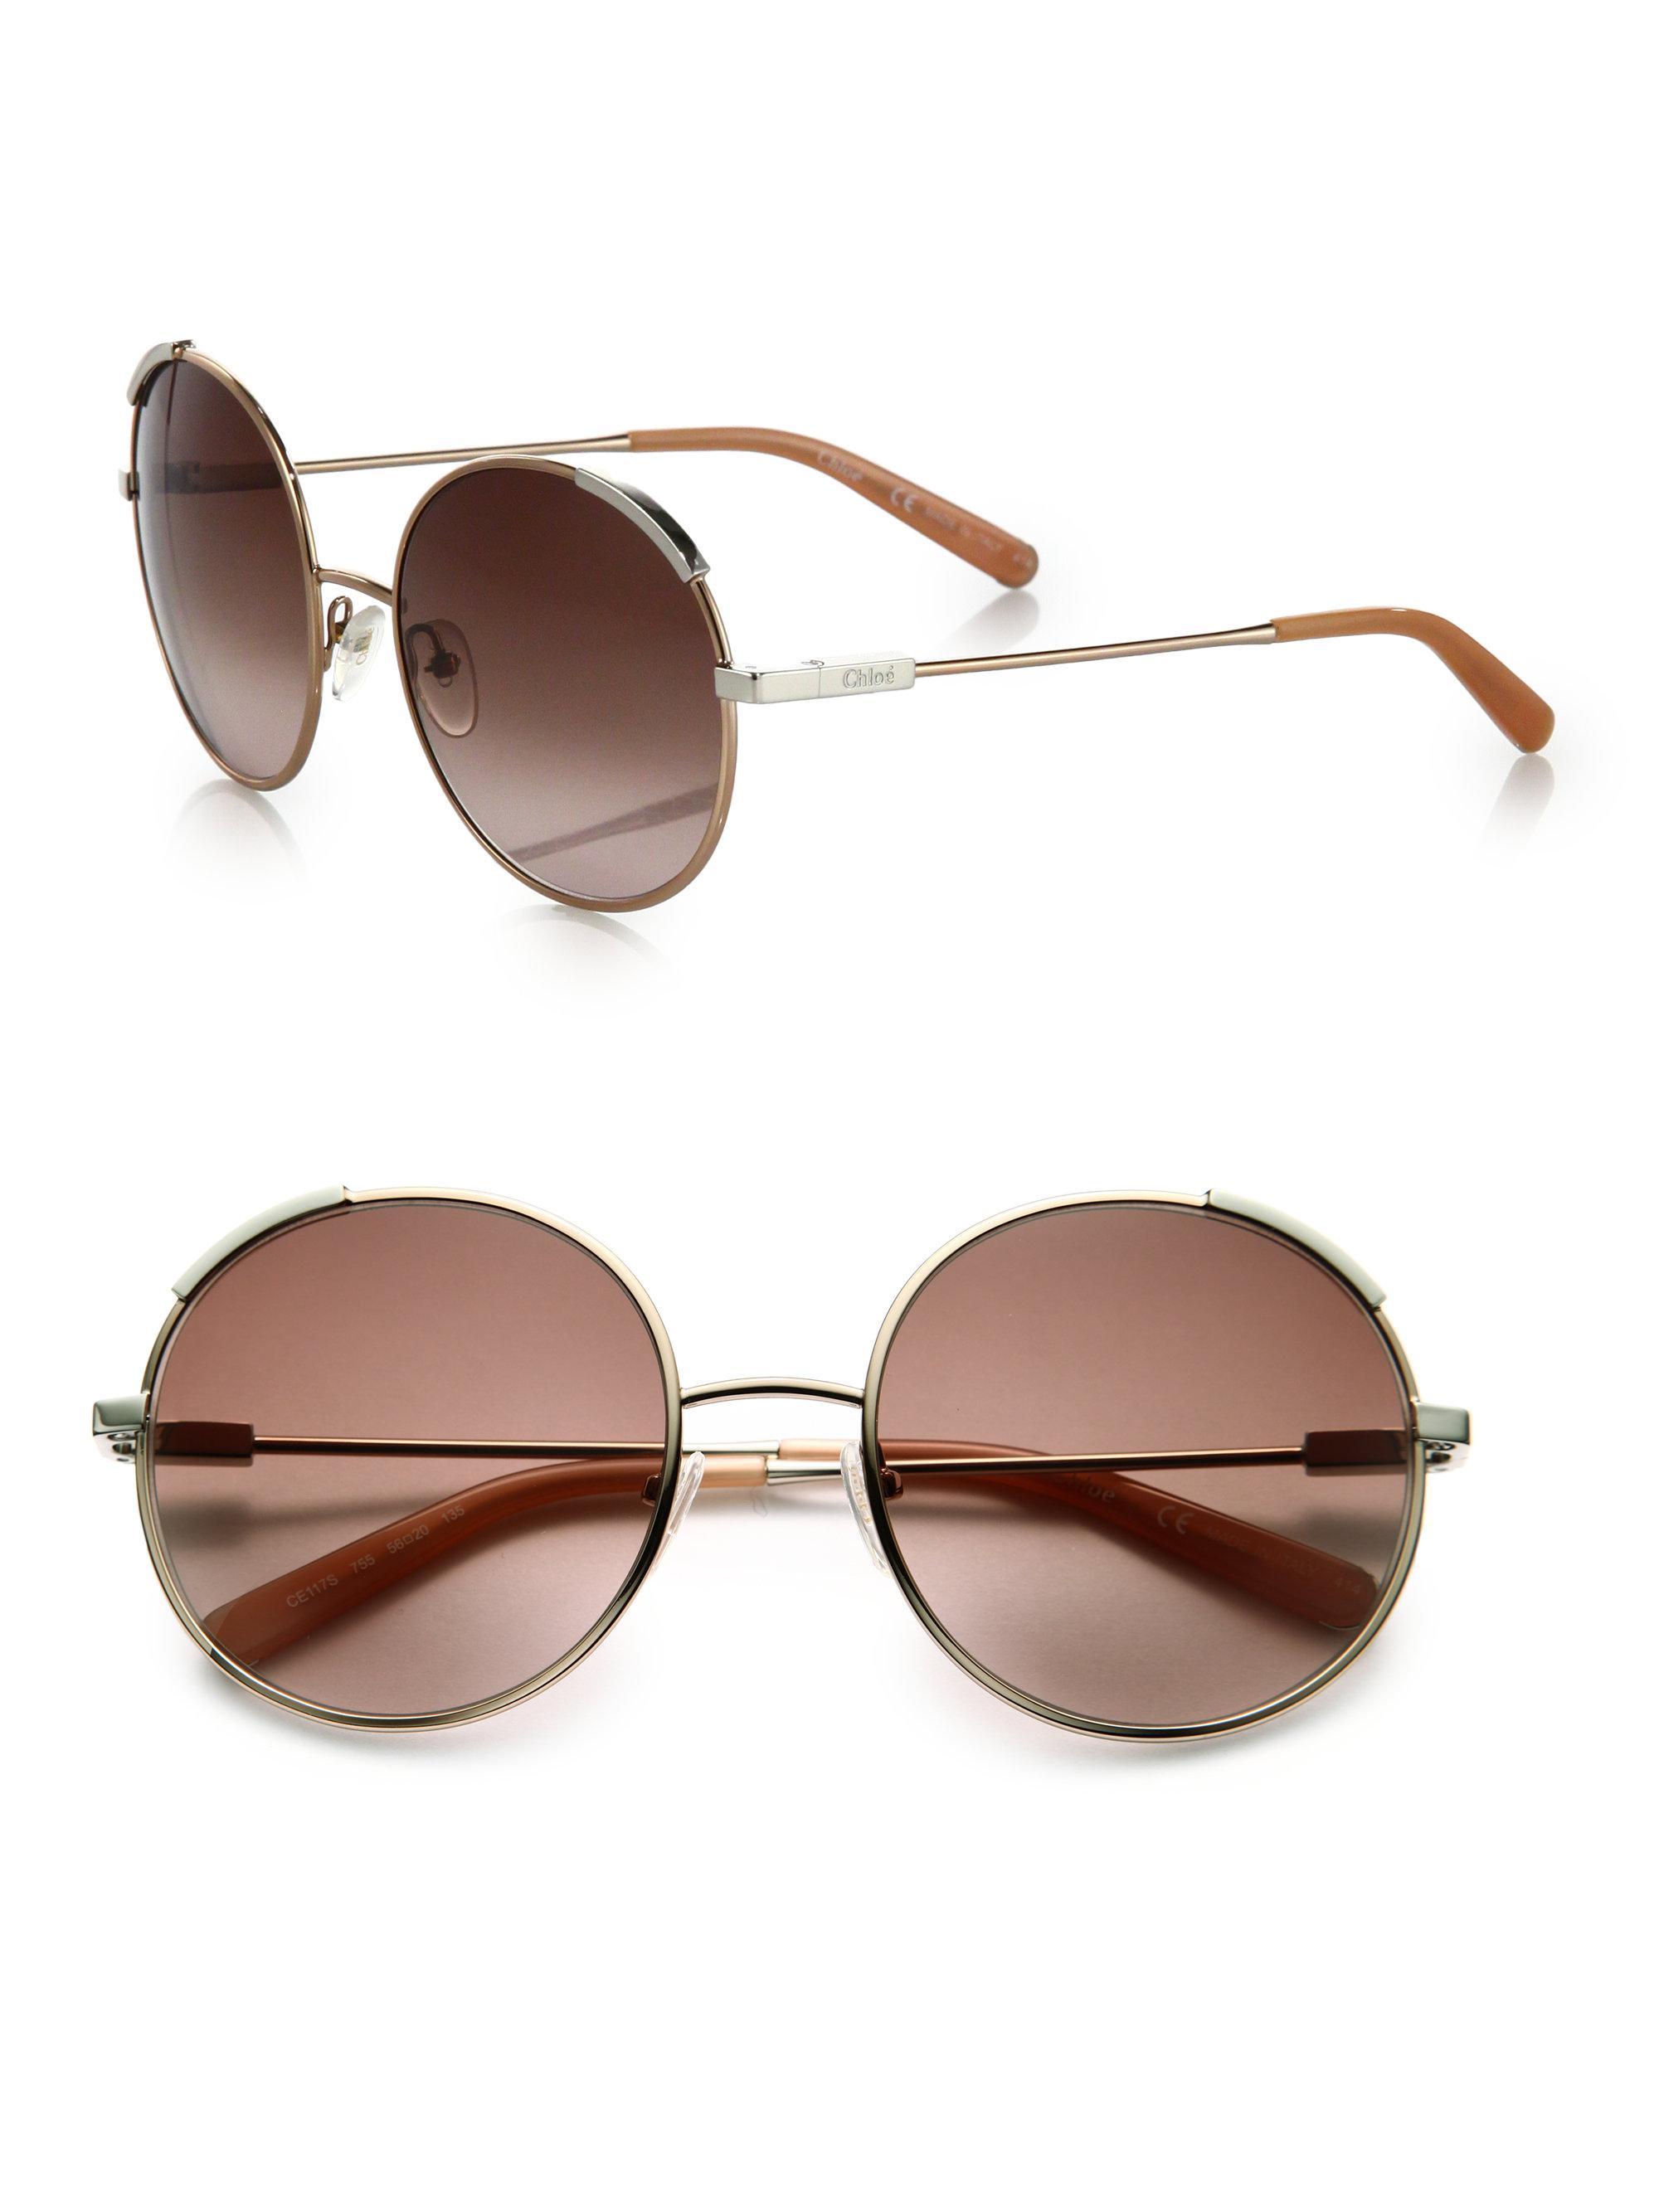 d153e46dccdb Lyst - Chloé Eria 56mm Round Sunglasses in Metallic